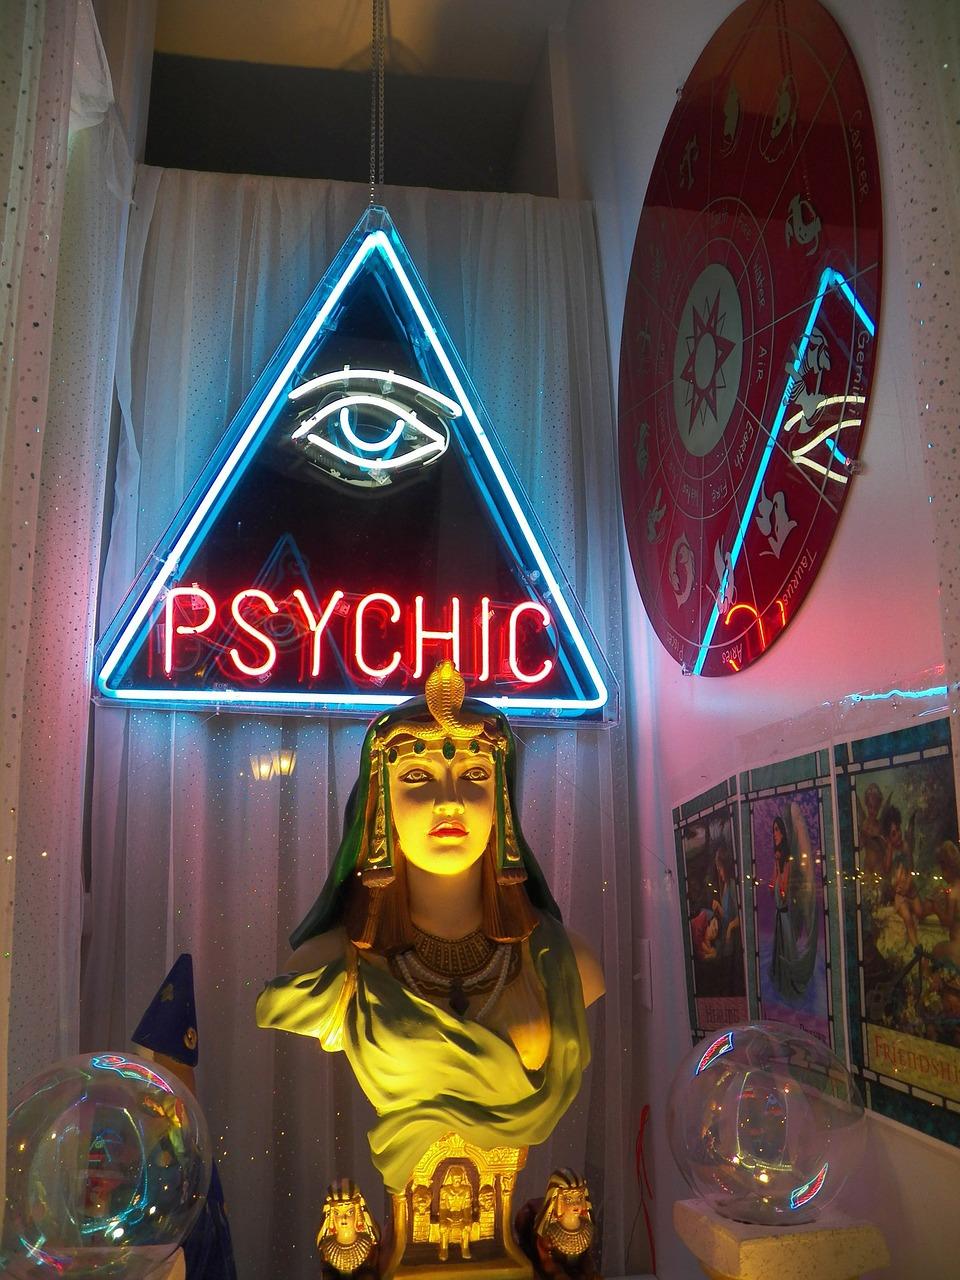 psychic-72085_1280.jpg